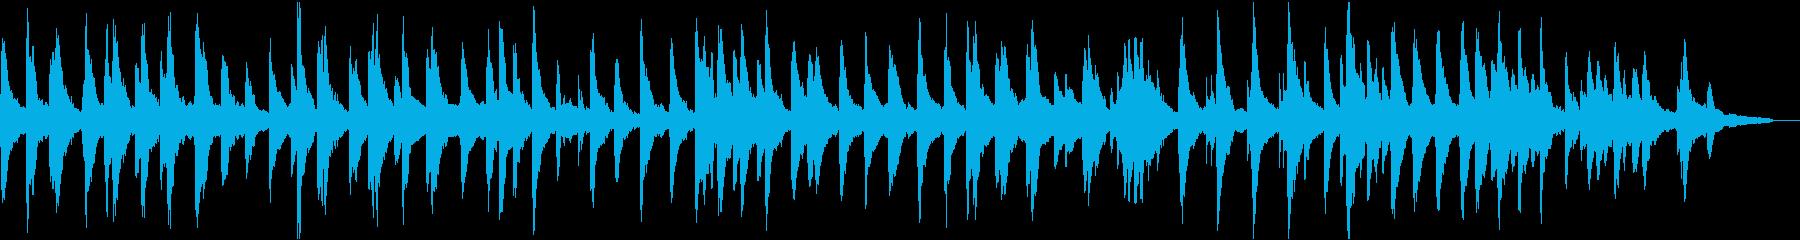 平和的な雰囲気の広がりのあるピアノソロの再生済みの波形